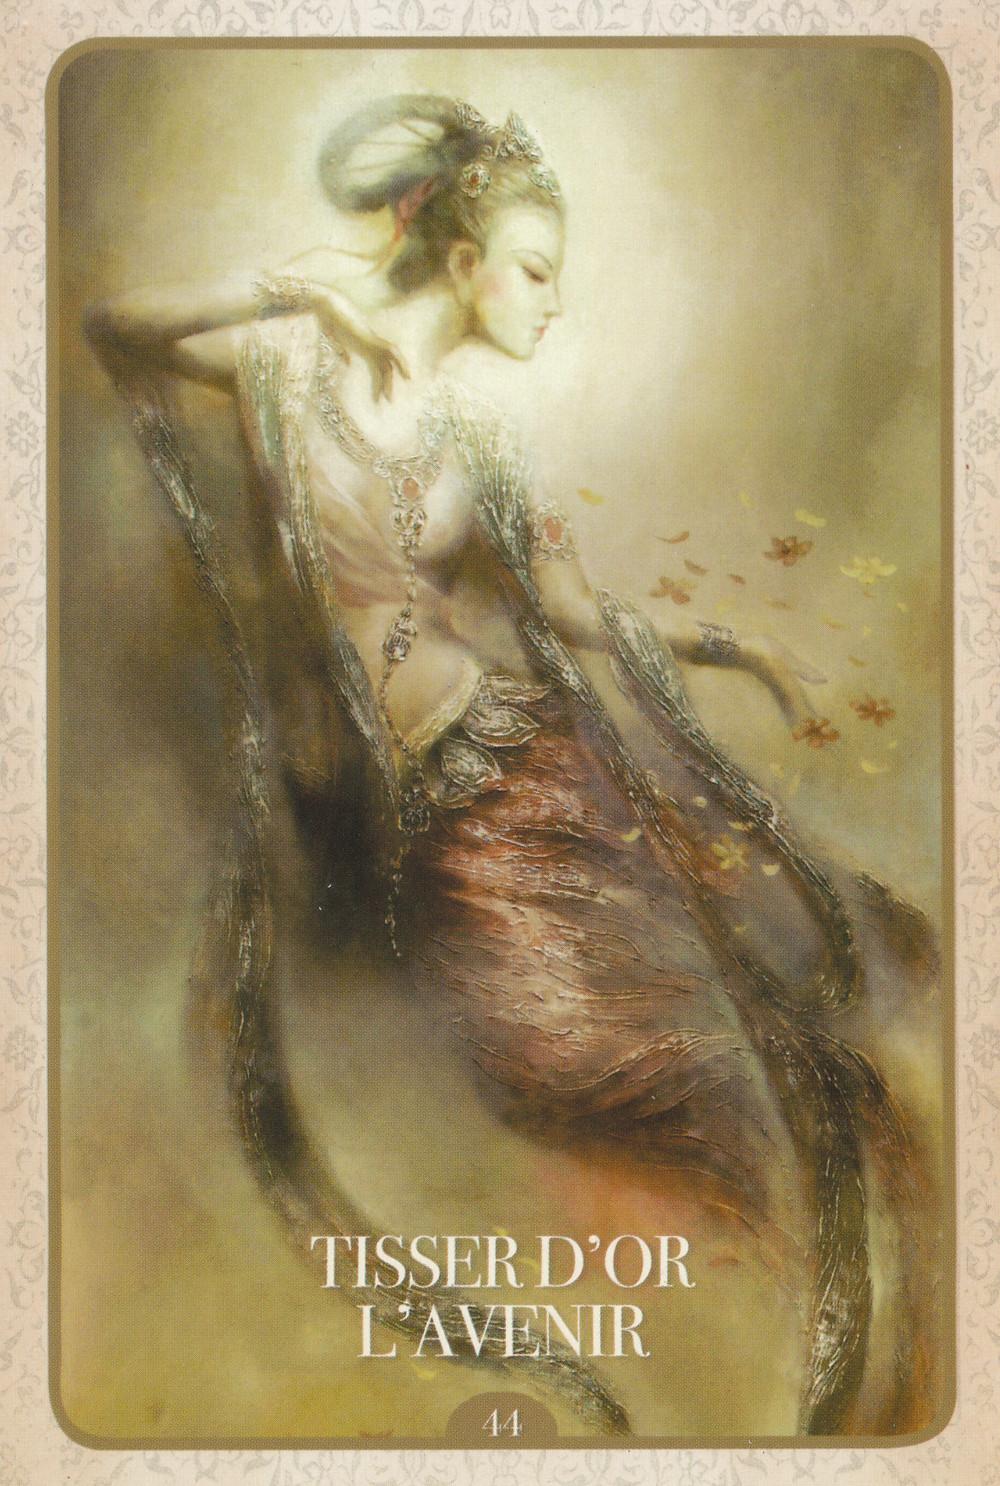 Carte tirée de L'Oracle de Kuan Yin d'Alana Fairchild Tisser d'or l'avenir - Portail du Lion du 8-8